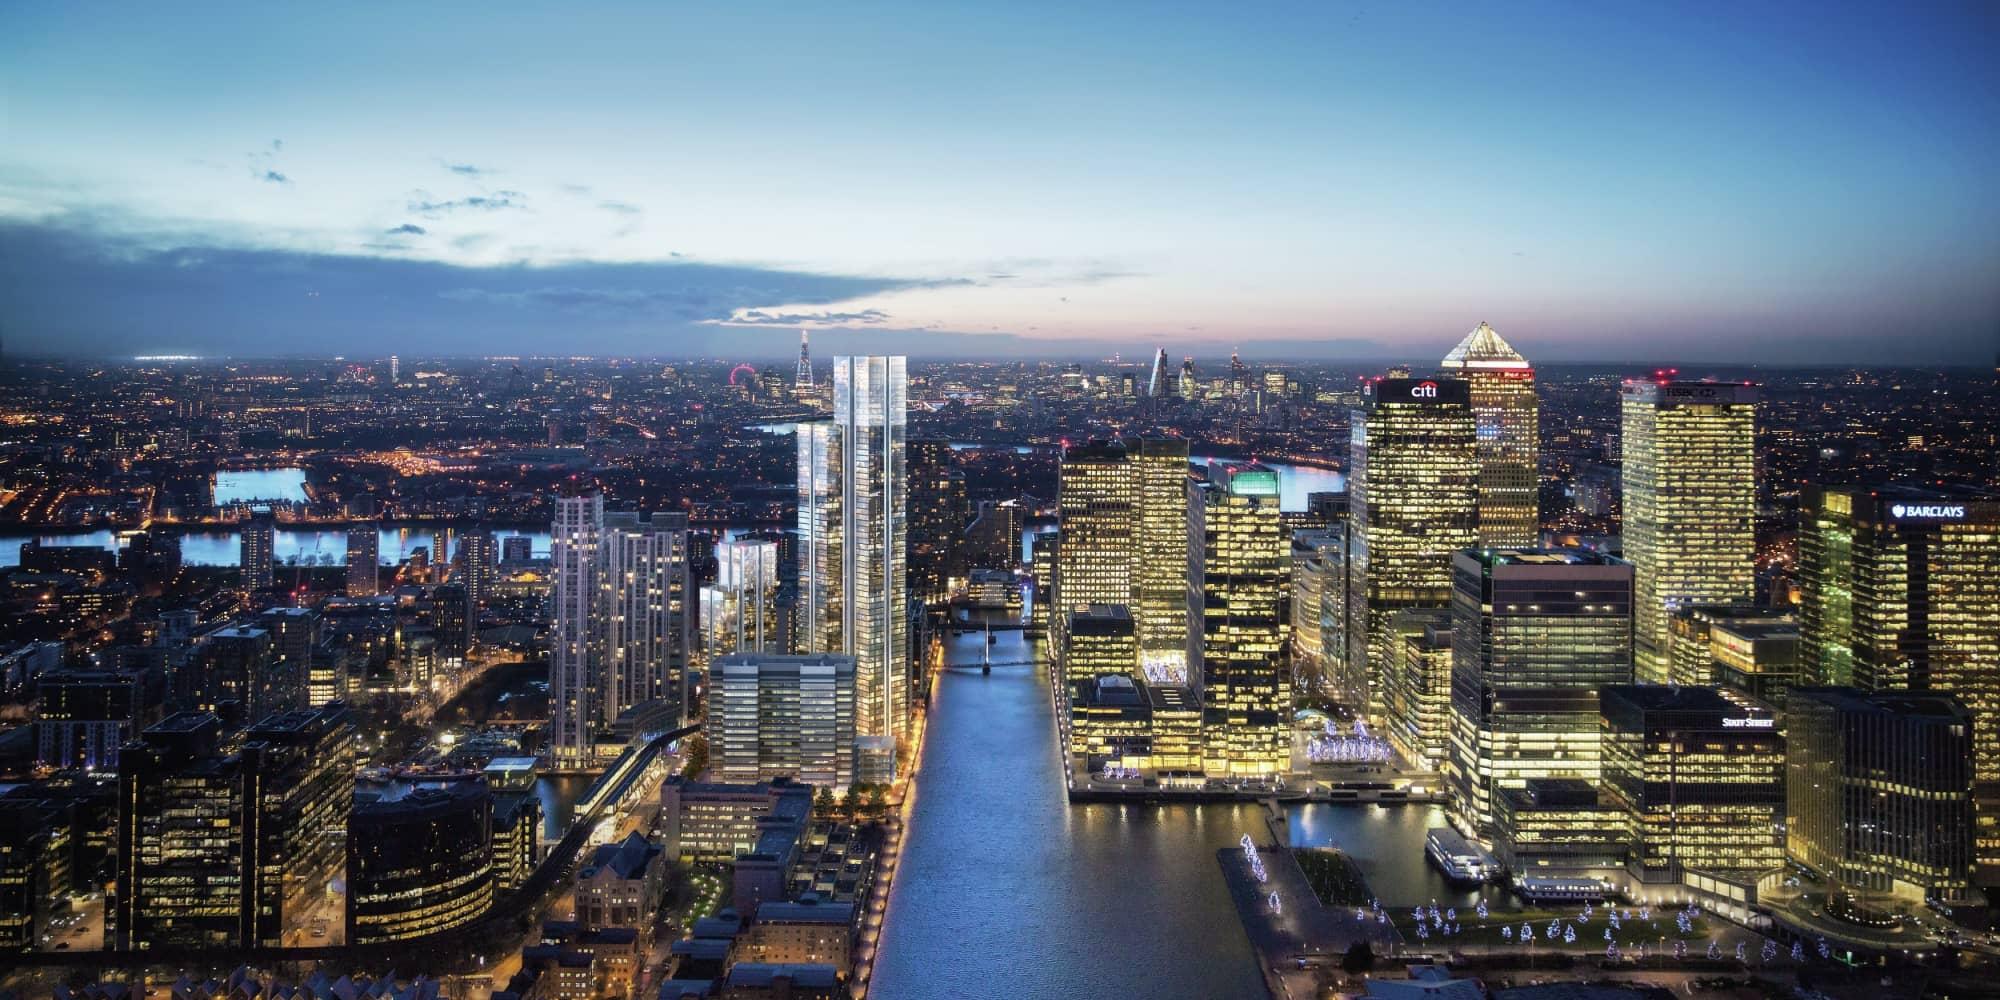 Development London, E14 - South Quay Plaza - 20